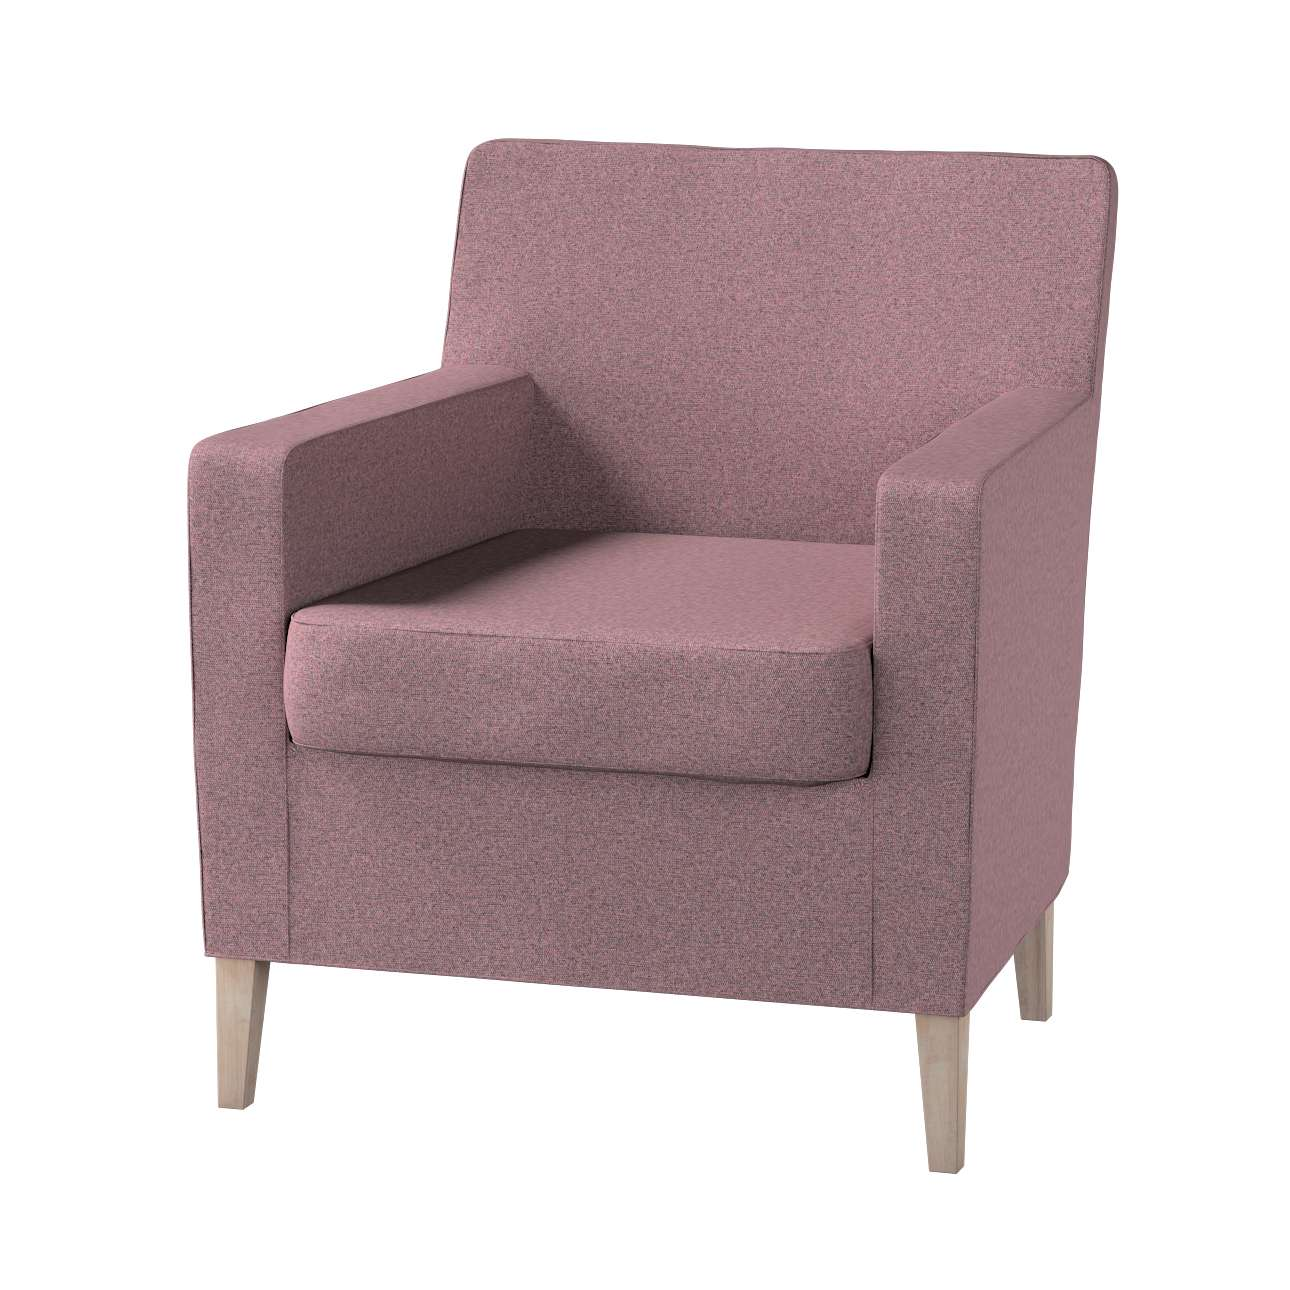 Pokrowiec na fotel Karlstad w kolekcji Amsterdam, tkanina: 704-48